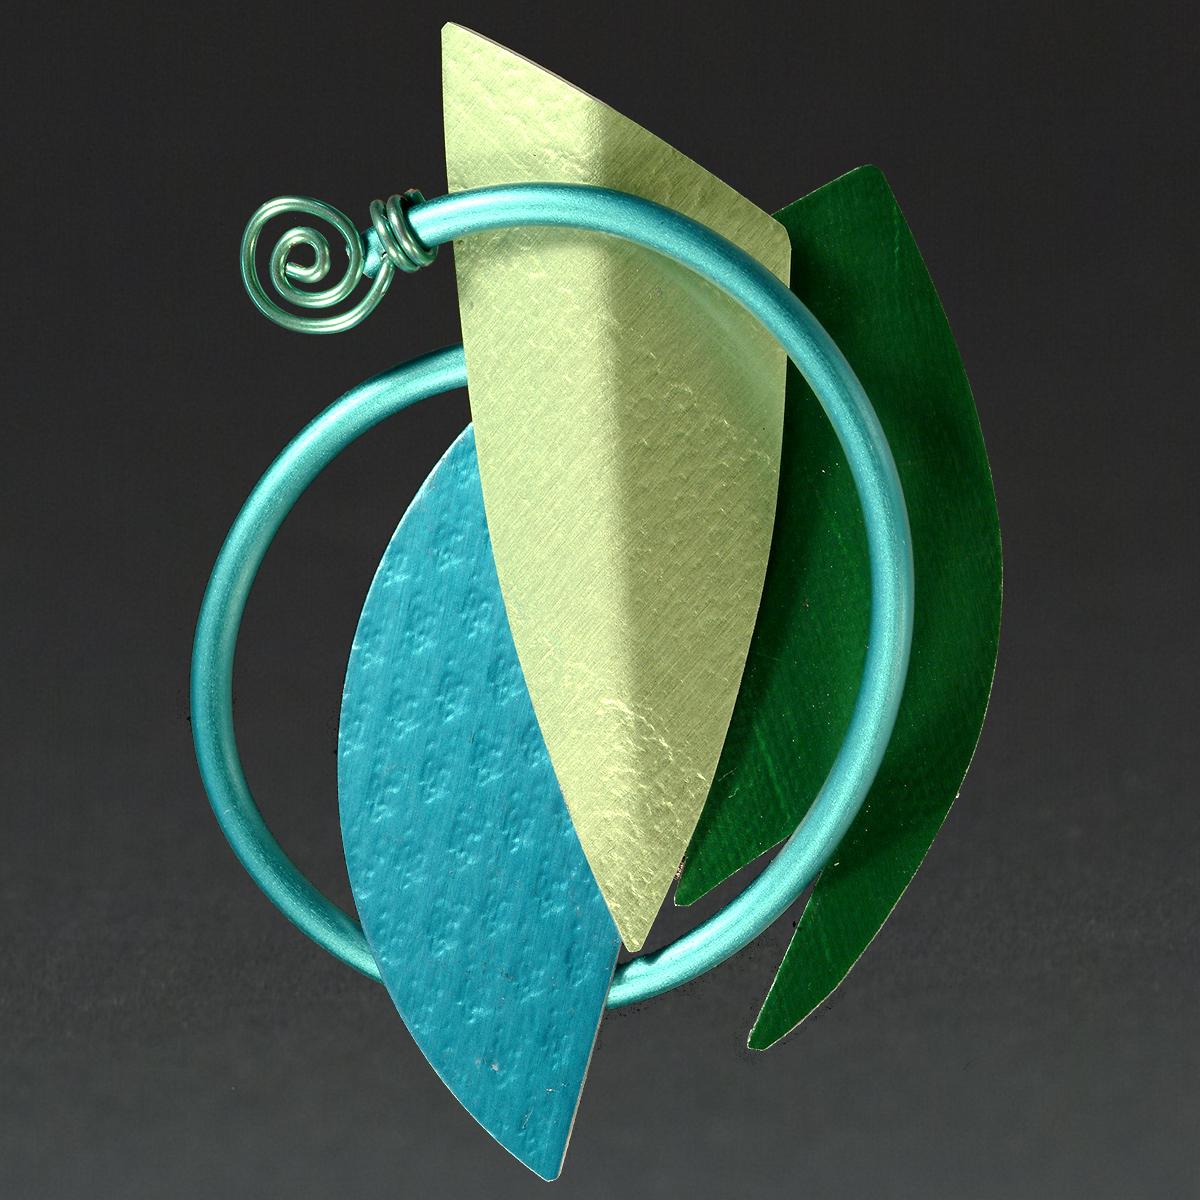 B - Aqua, Lime, Green